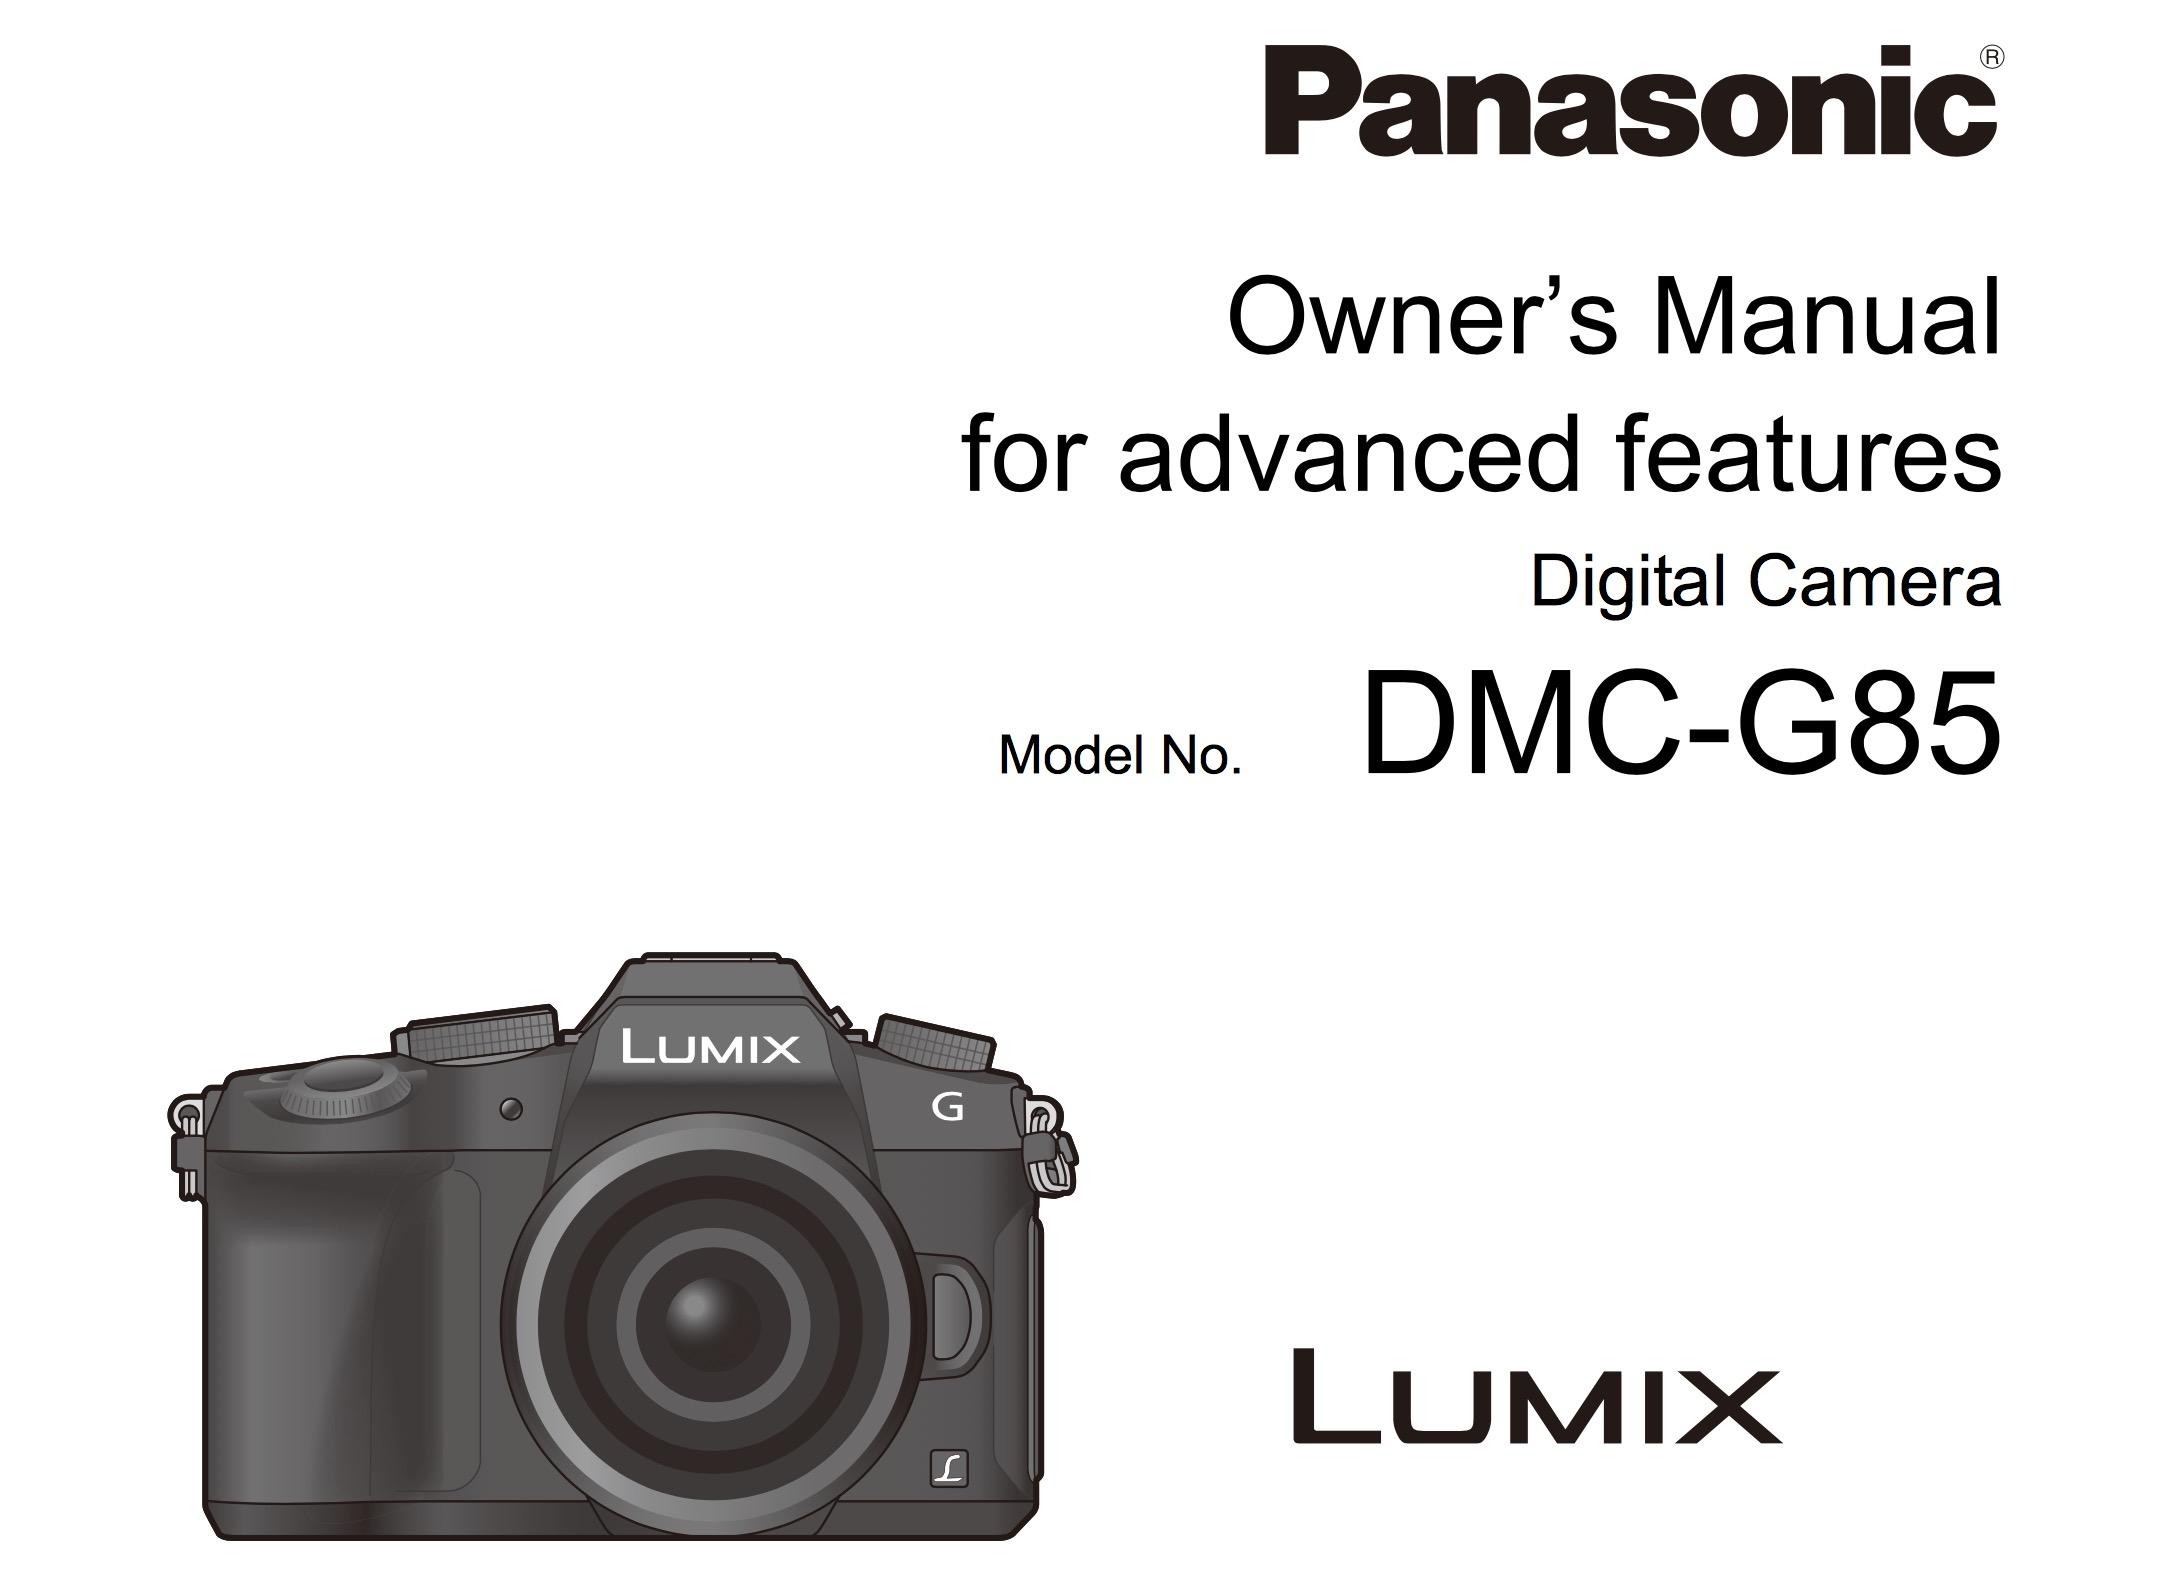 Panasonic Lumix G85/85 Manual for Download | Natural Exposures, Inc